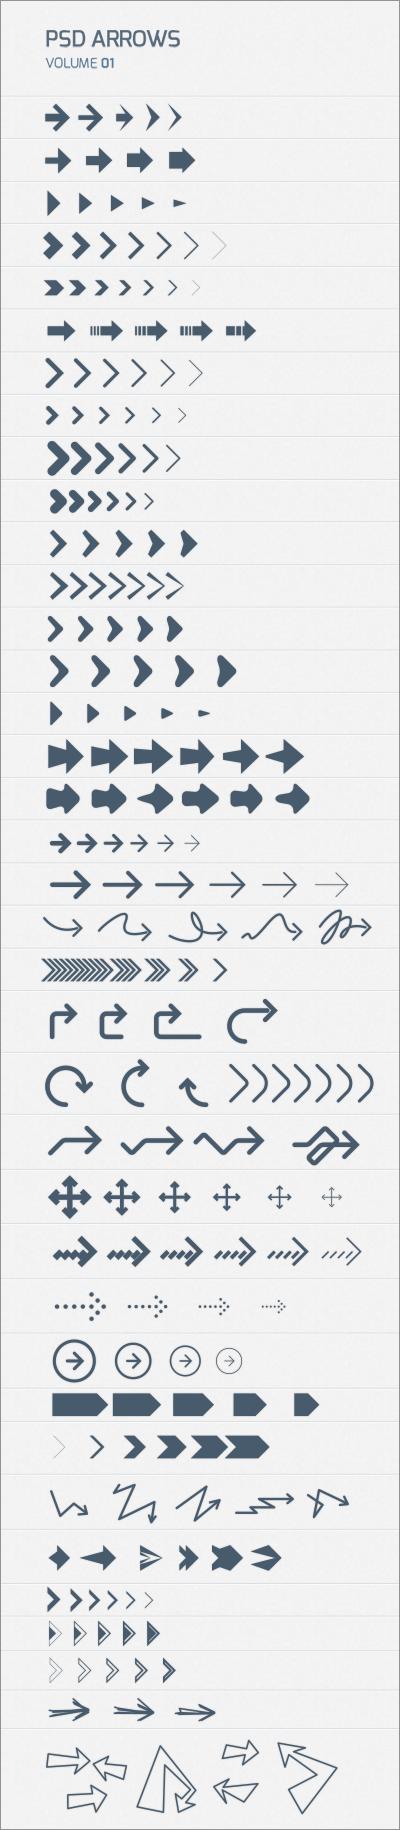 200種類以上の矢印・アローが揃ったウェブデザインやプレゼンの資料などに無料で利用できるPSD素材 | コリス